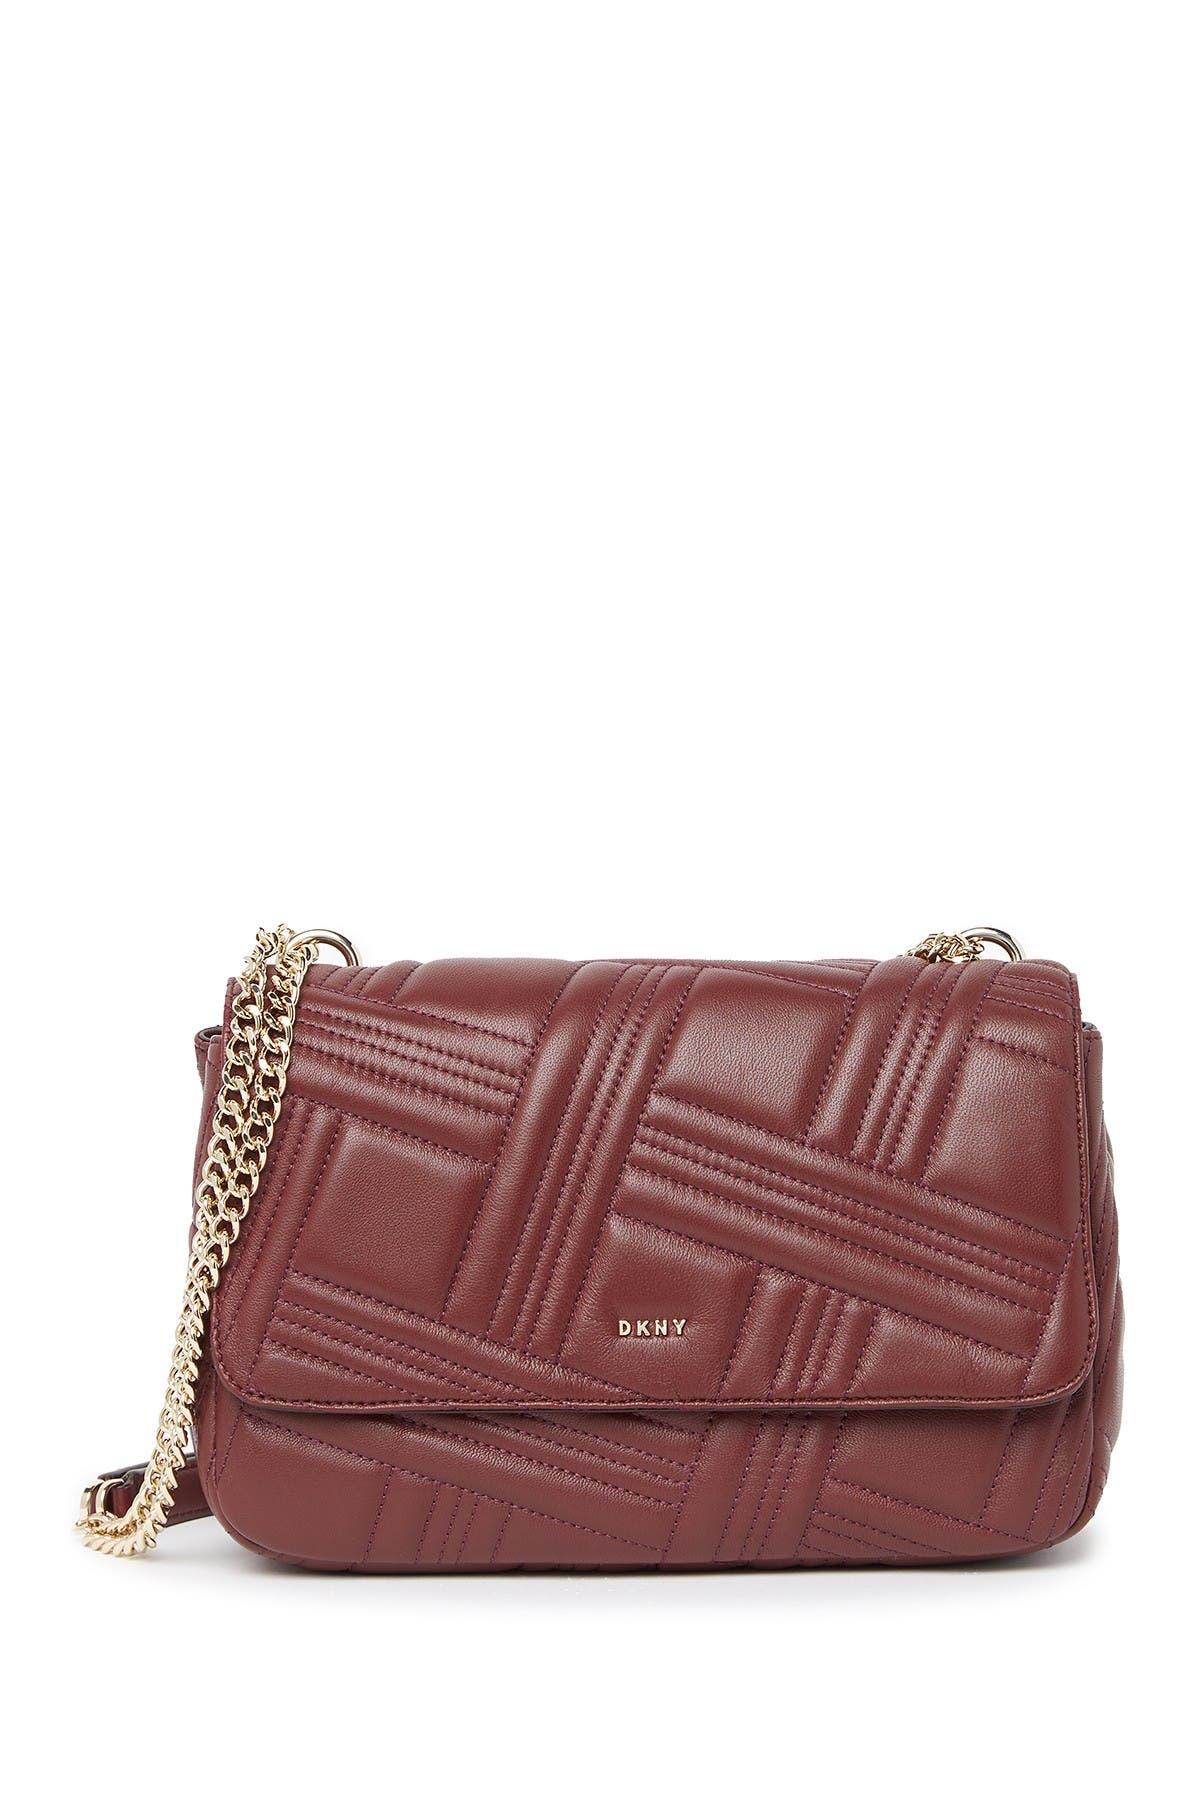 Image of DKNY Allen Large Flap Leather Shoulder Bag